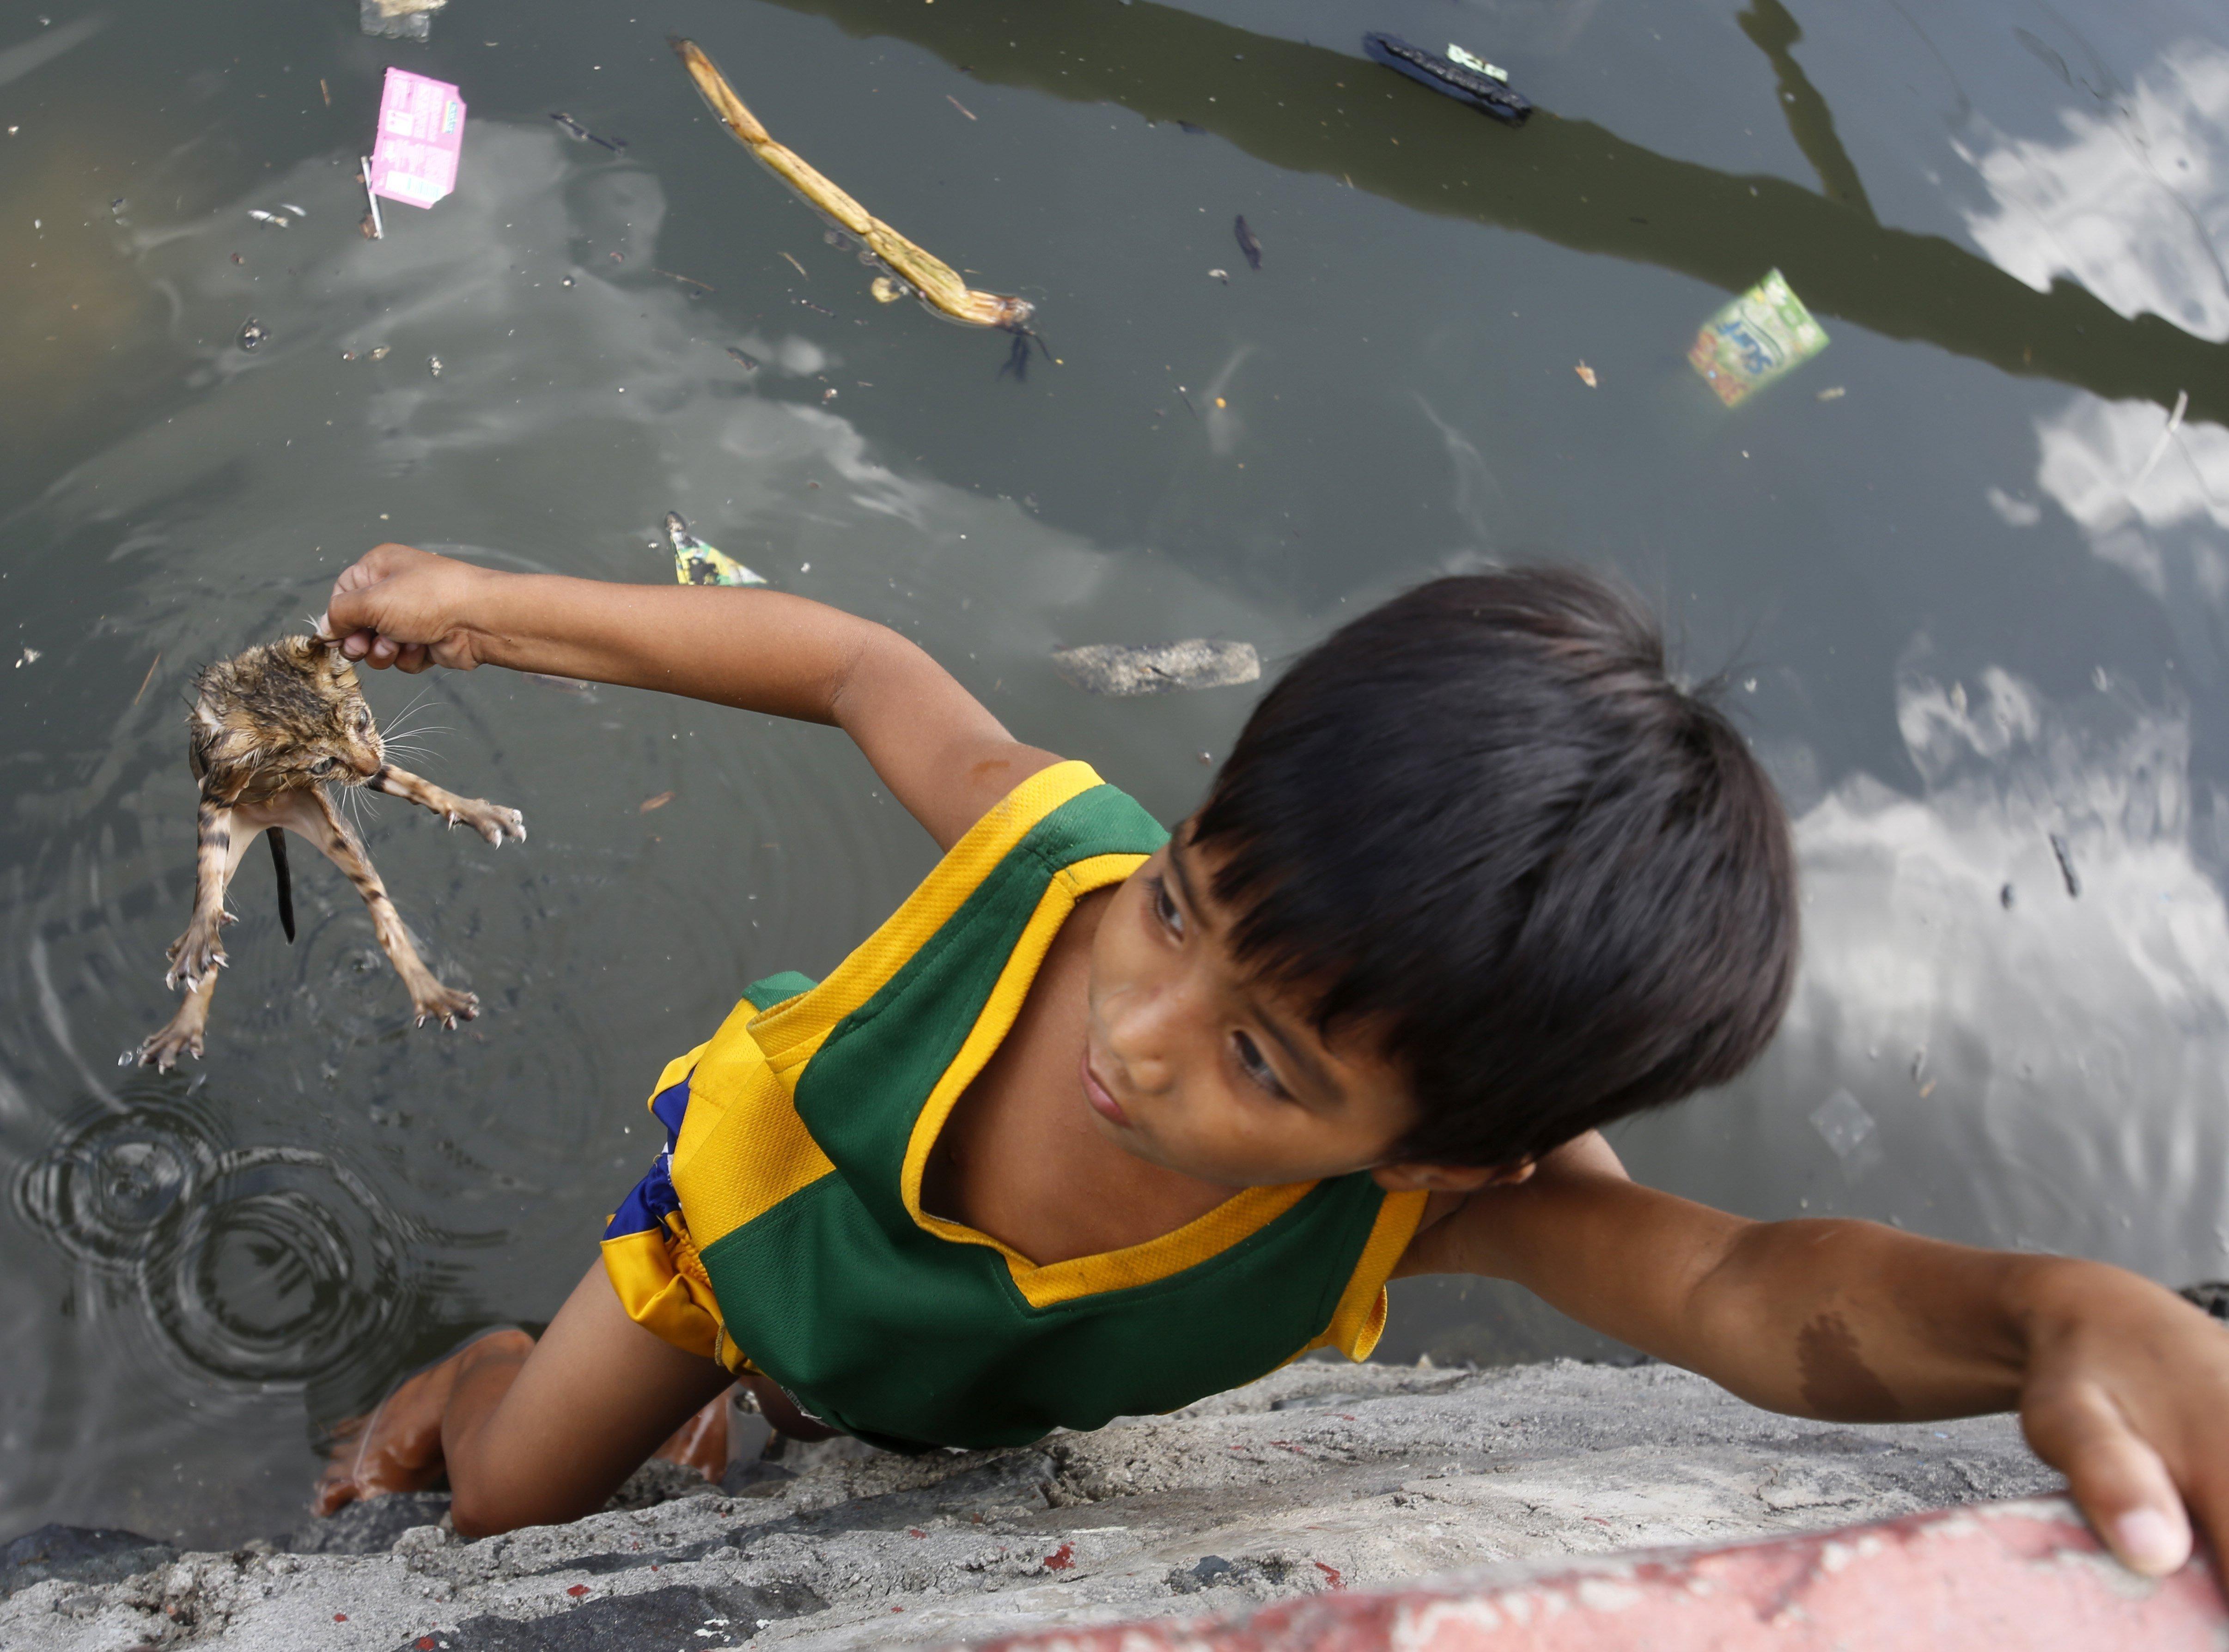 Un nen rescata a una cria de moix que va caure a un riu després d'una operació de demolició de cases en un suburbi al sud de Manila. /FRANCIS R. MALASIG